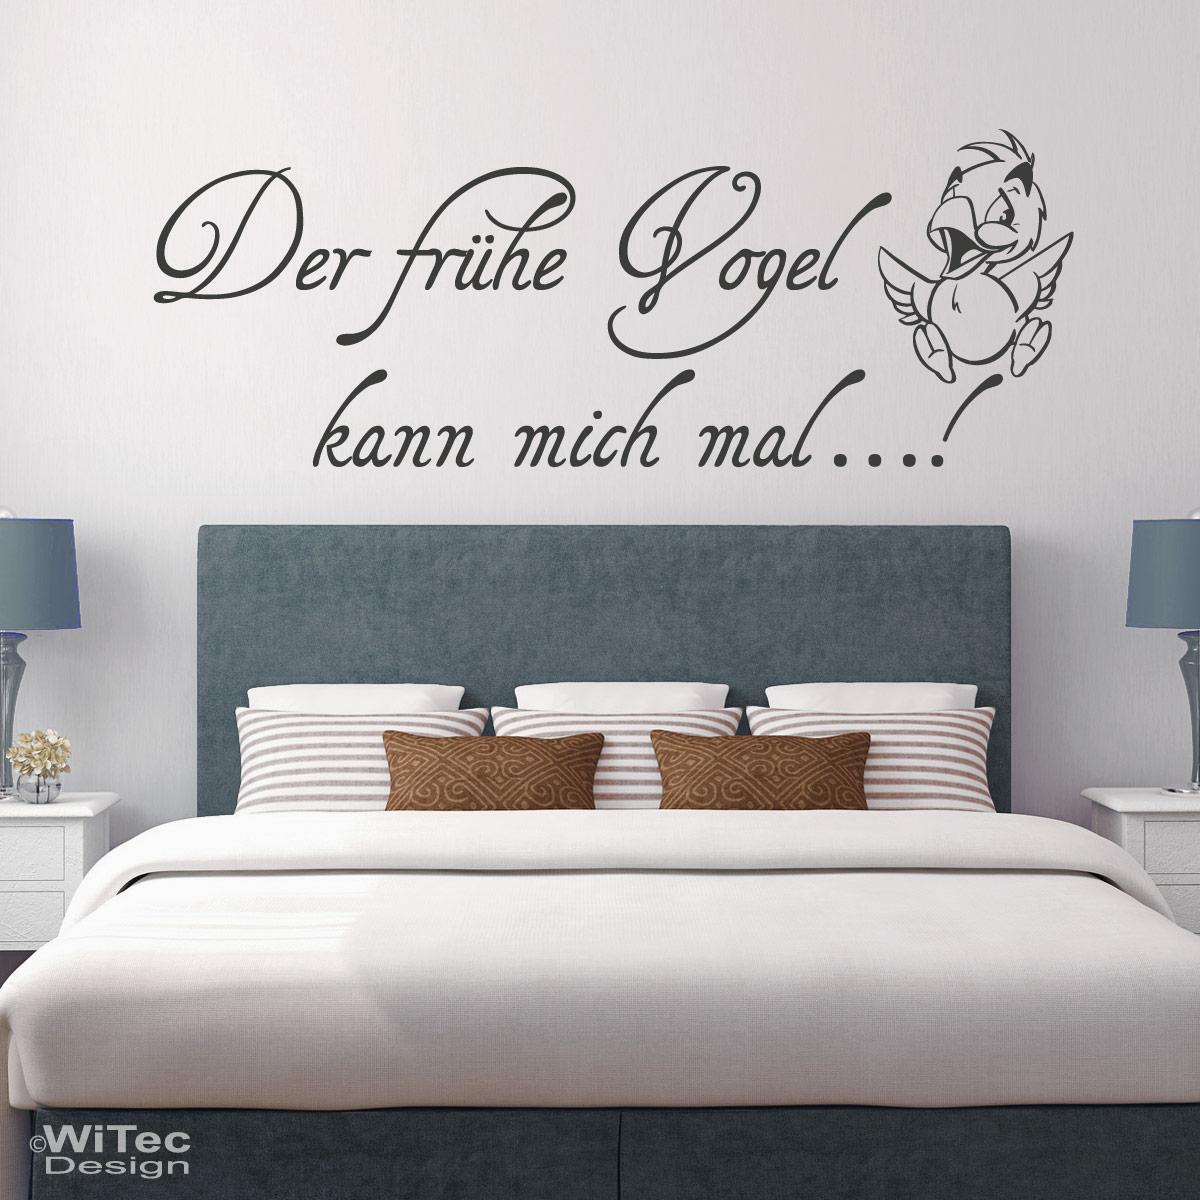 Wandtattoo Schlafzimmer Der Fruhe Vogel Kann Mich Mal Wandtatto